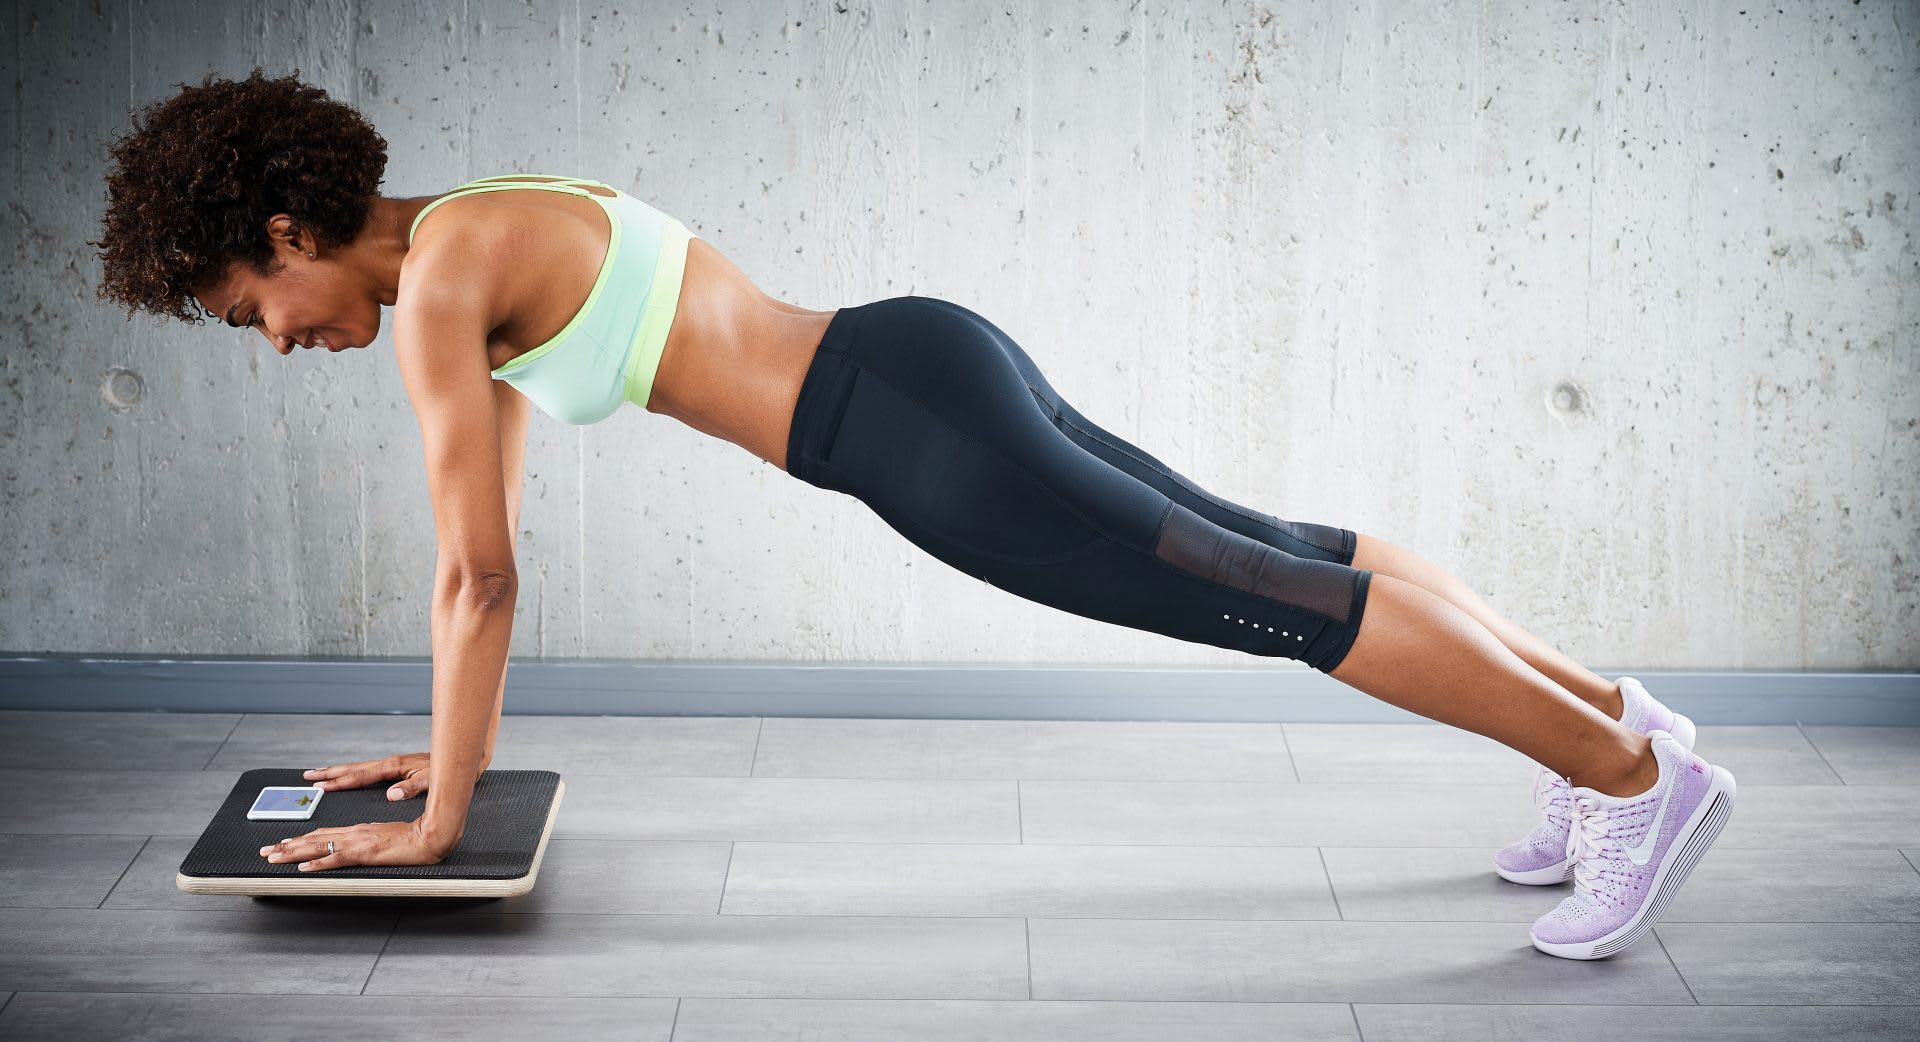 Plankpad